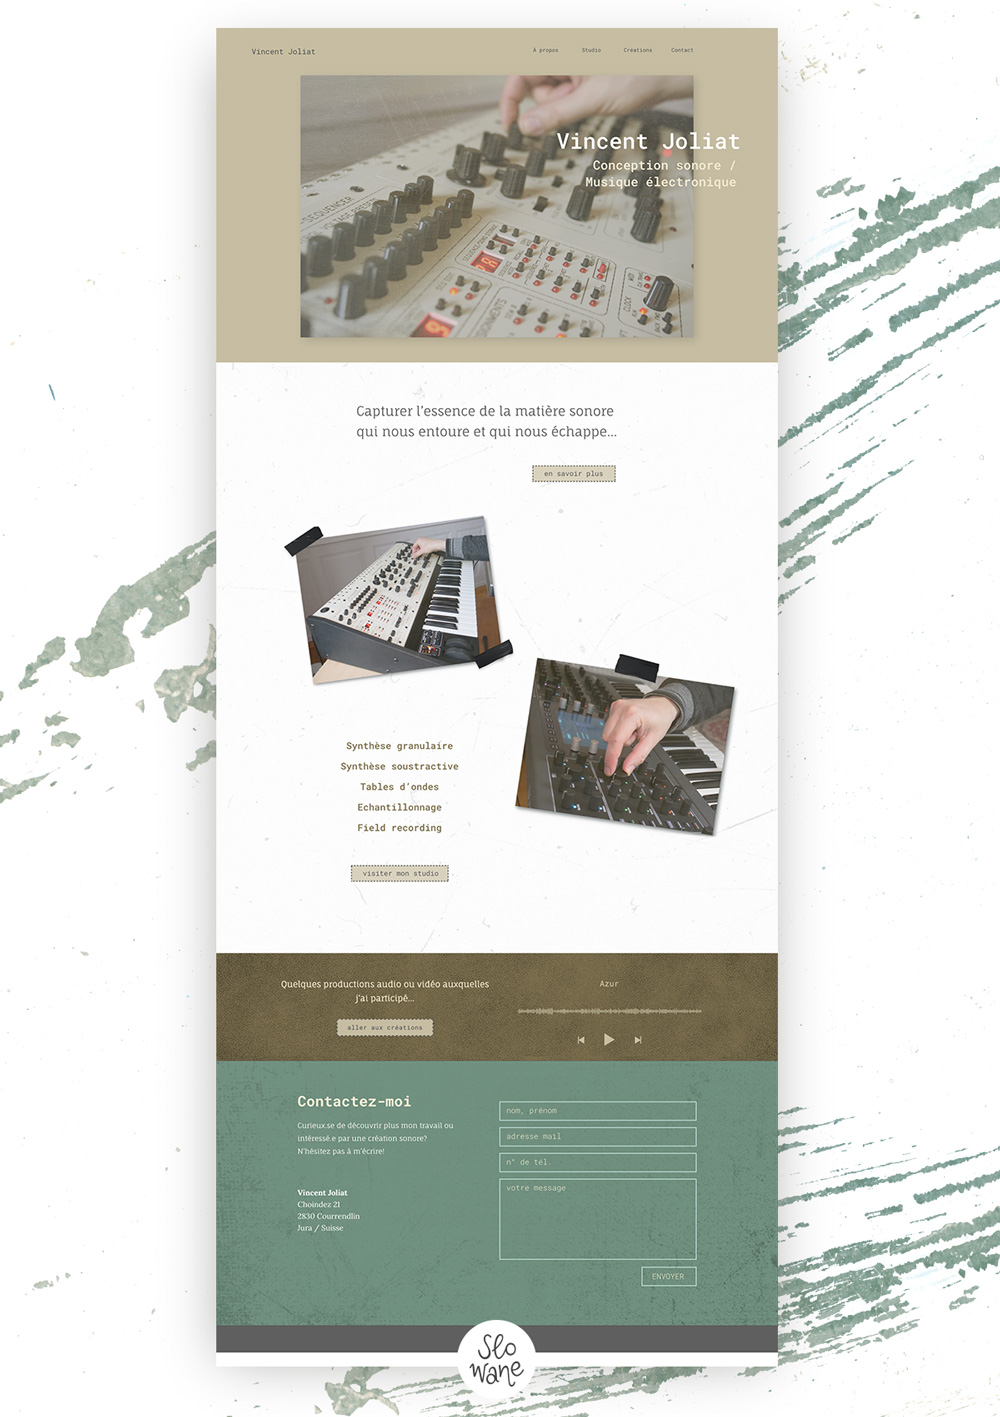 Web design de la page d'accueil du site Vincent Joliat